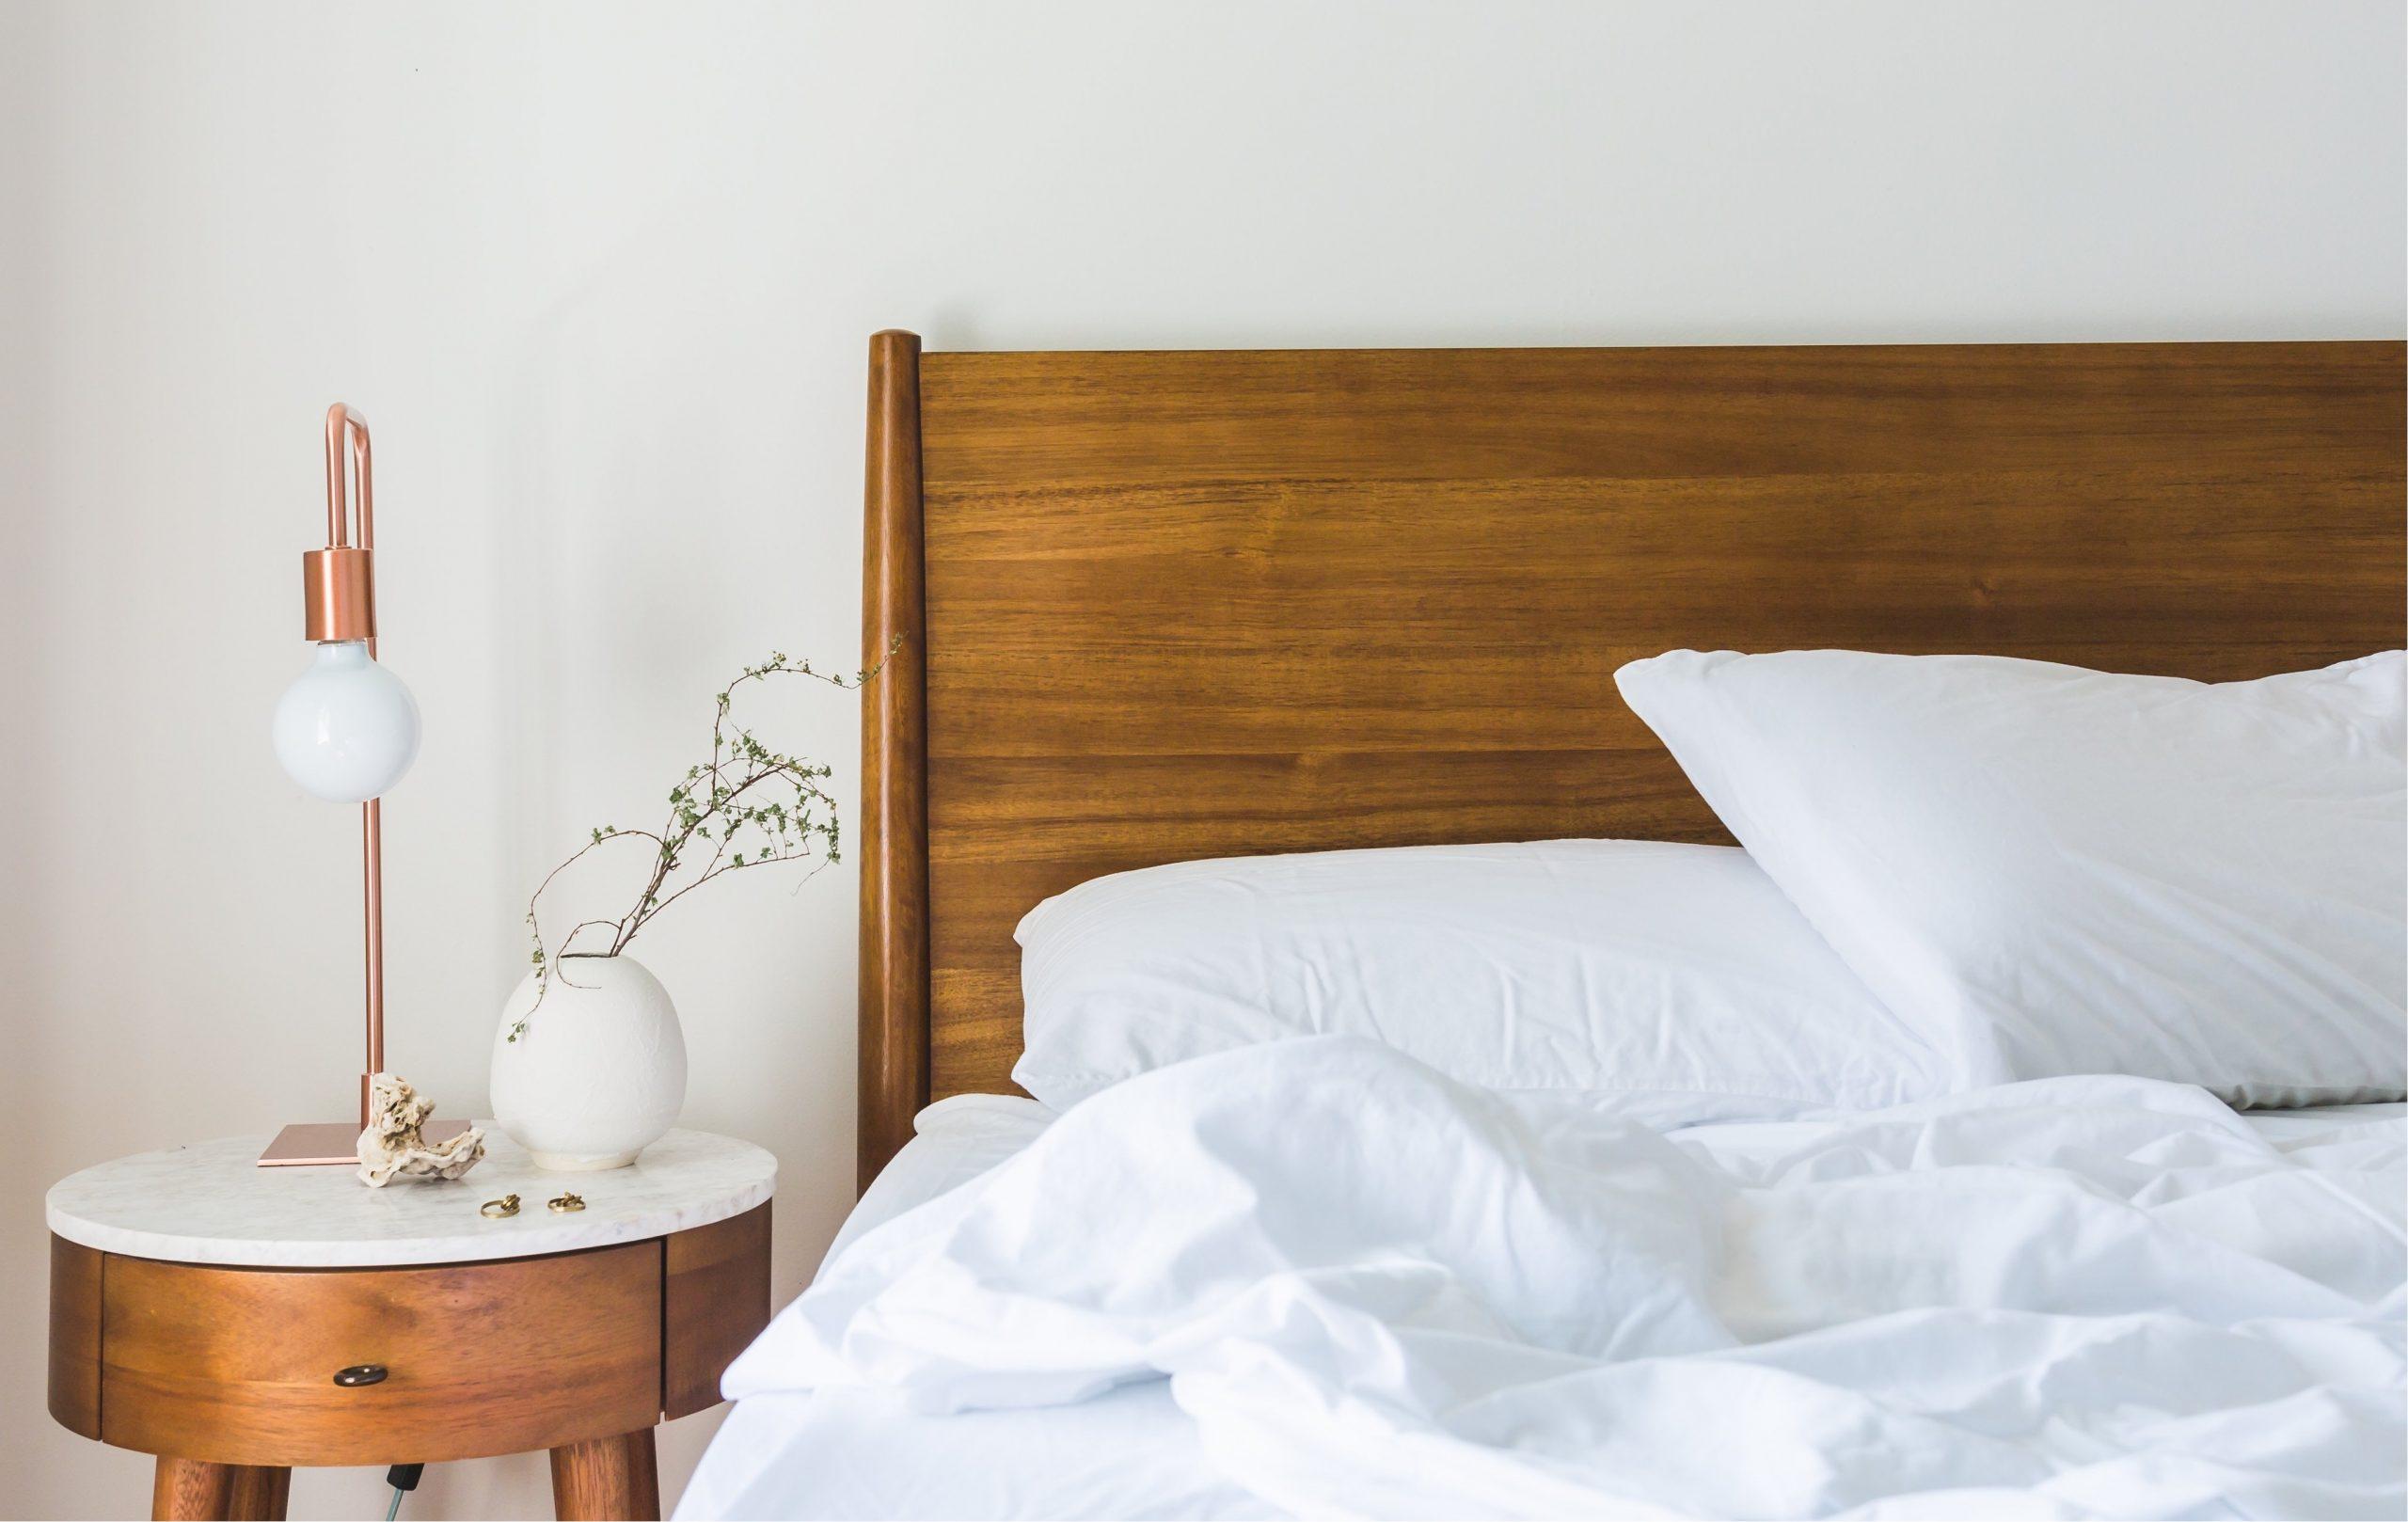 Hoe Belangrijk Is Slaap?